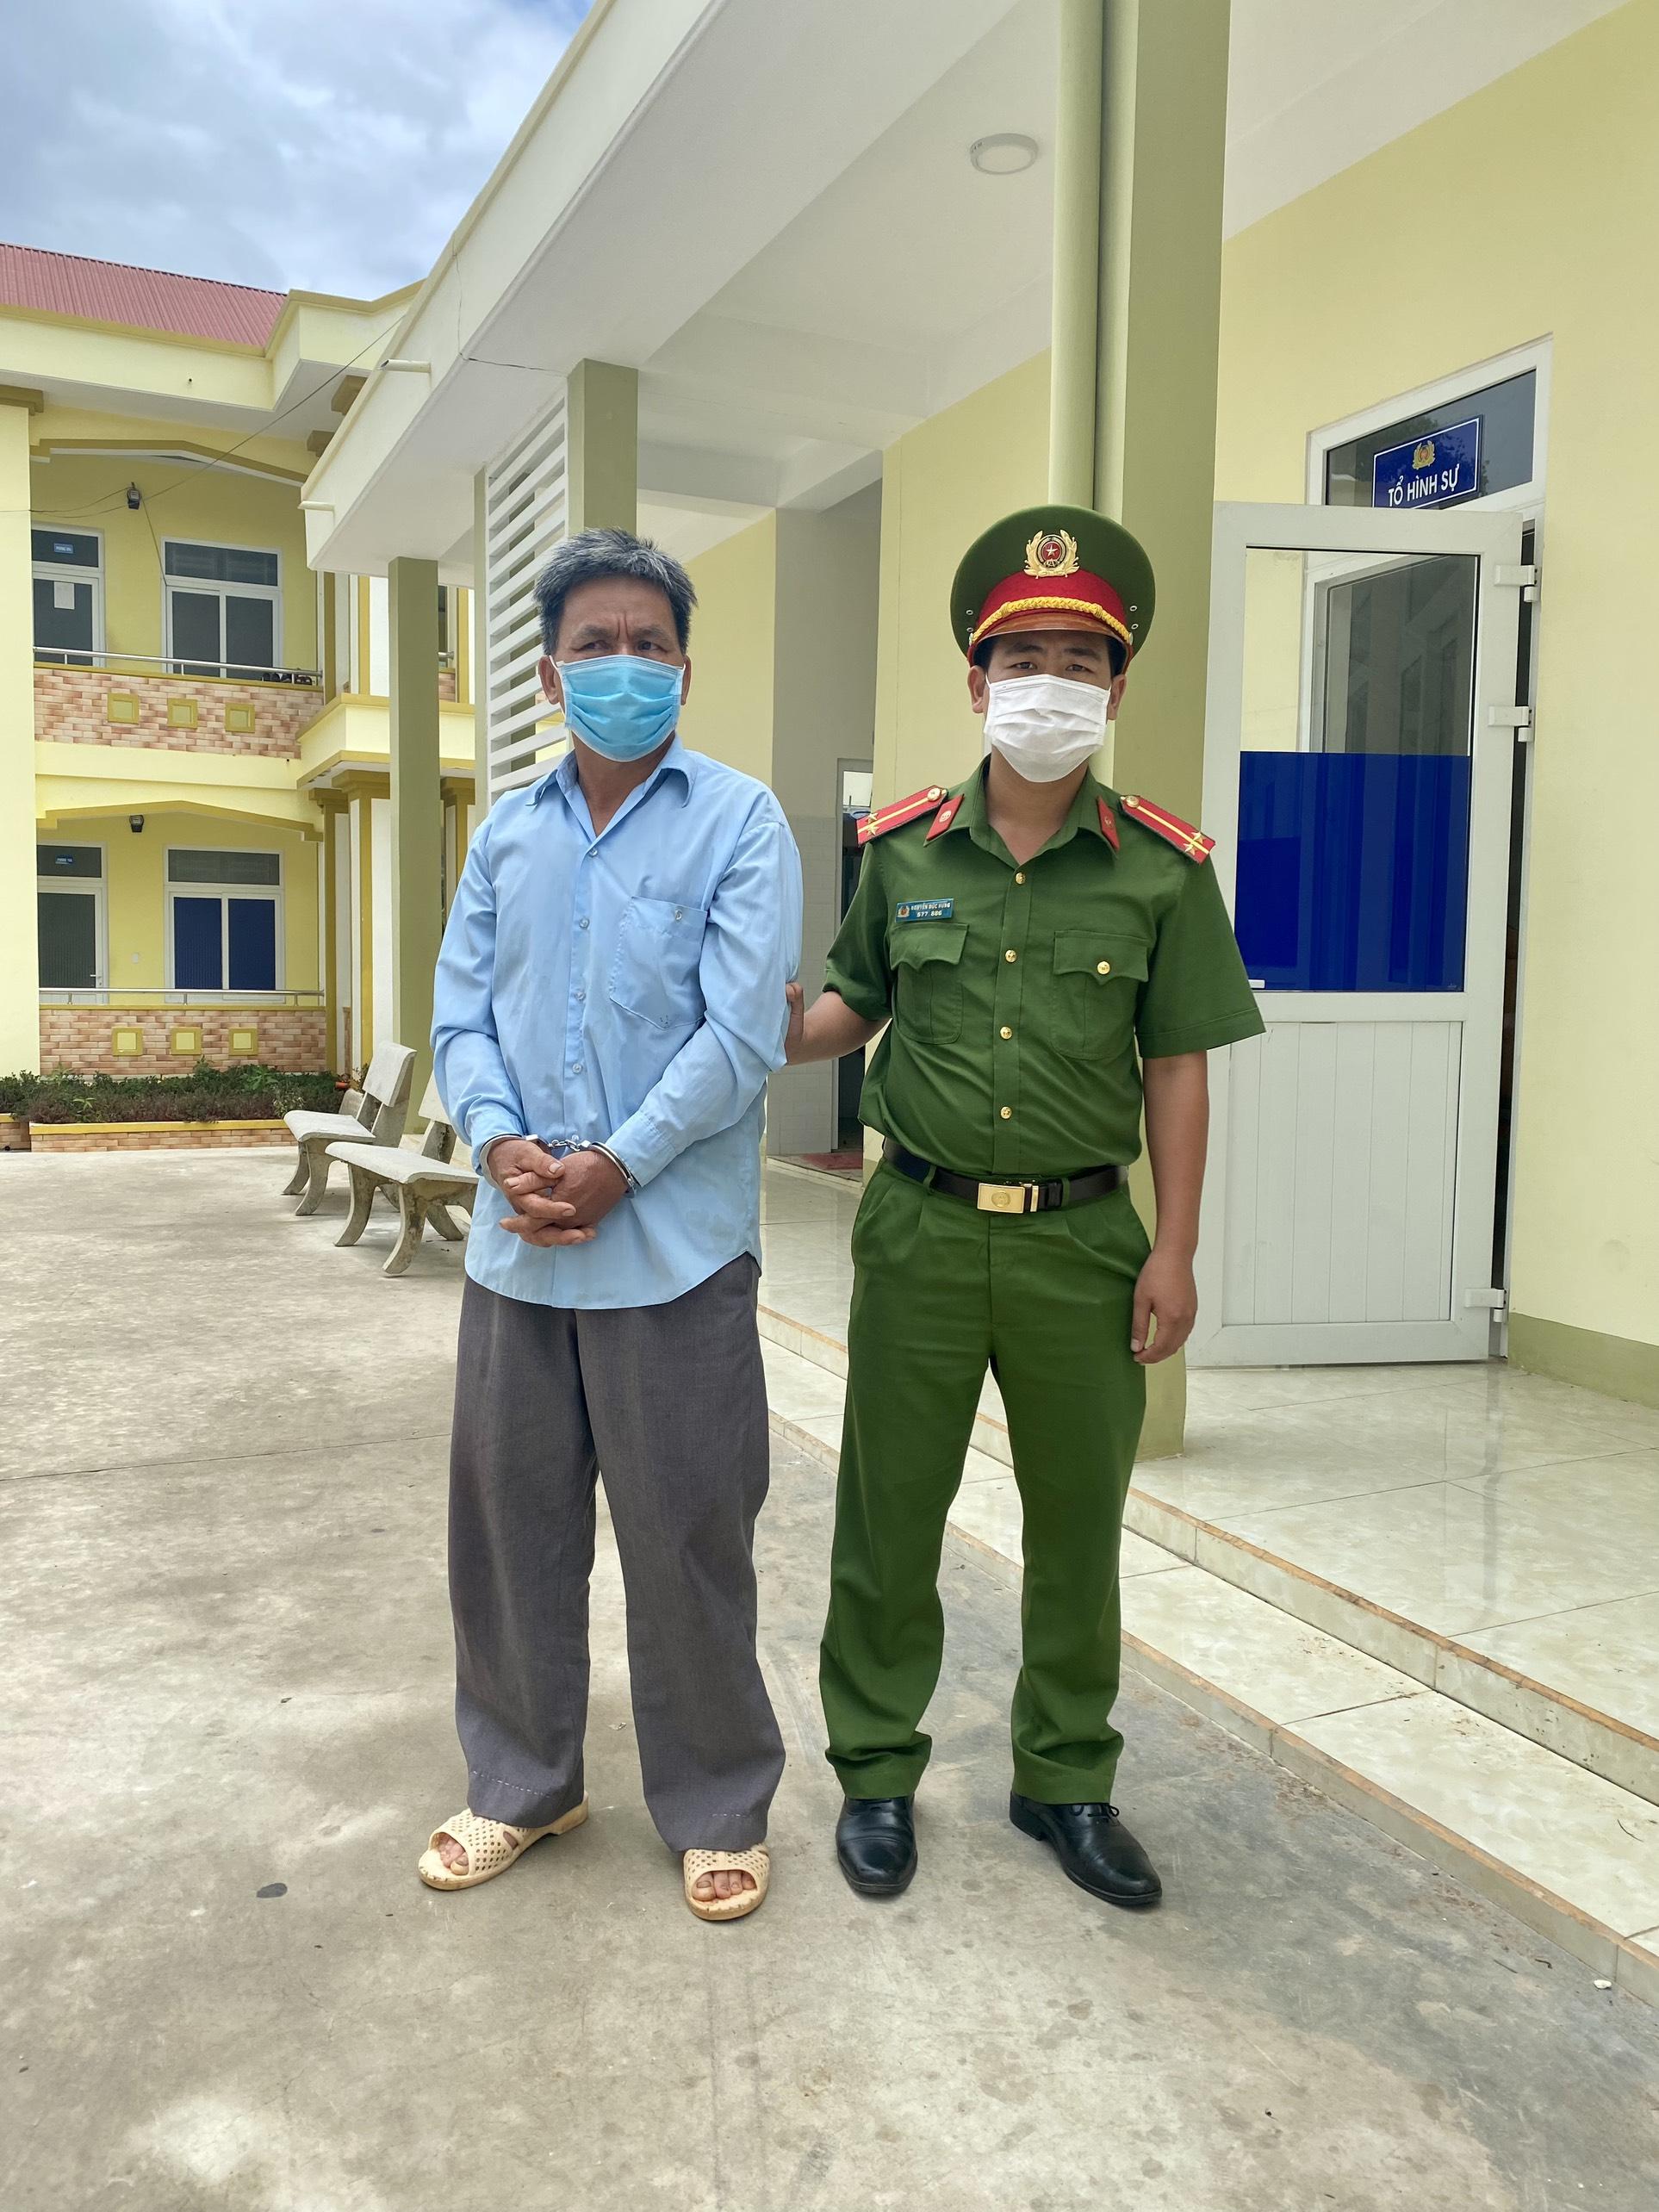 Đắk Nông: Thay tên đổi họ vẫn bị bắt sau gần 25 năm lẩn trốn - Ảnh 1.